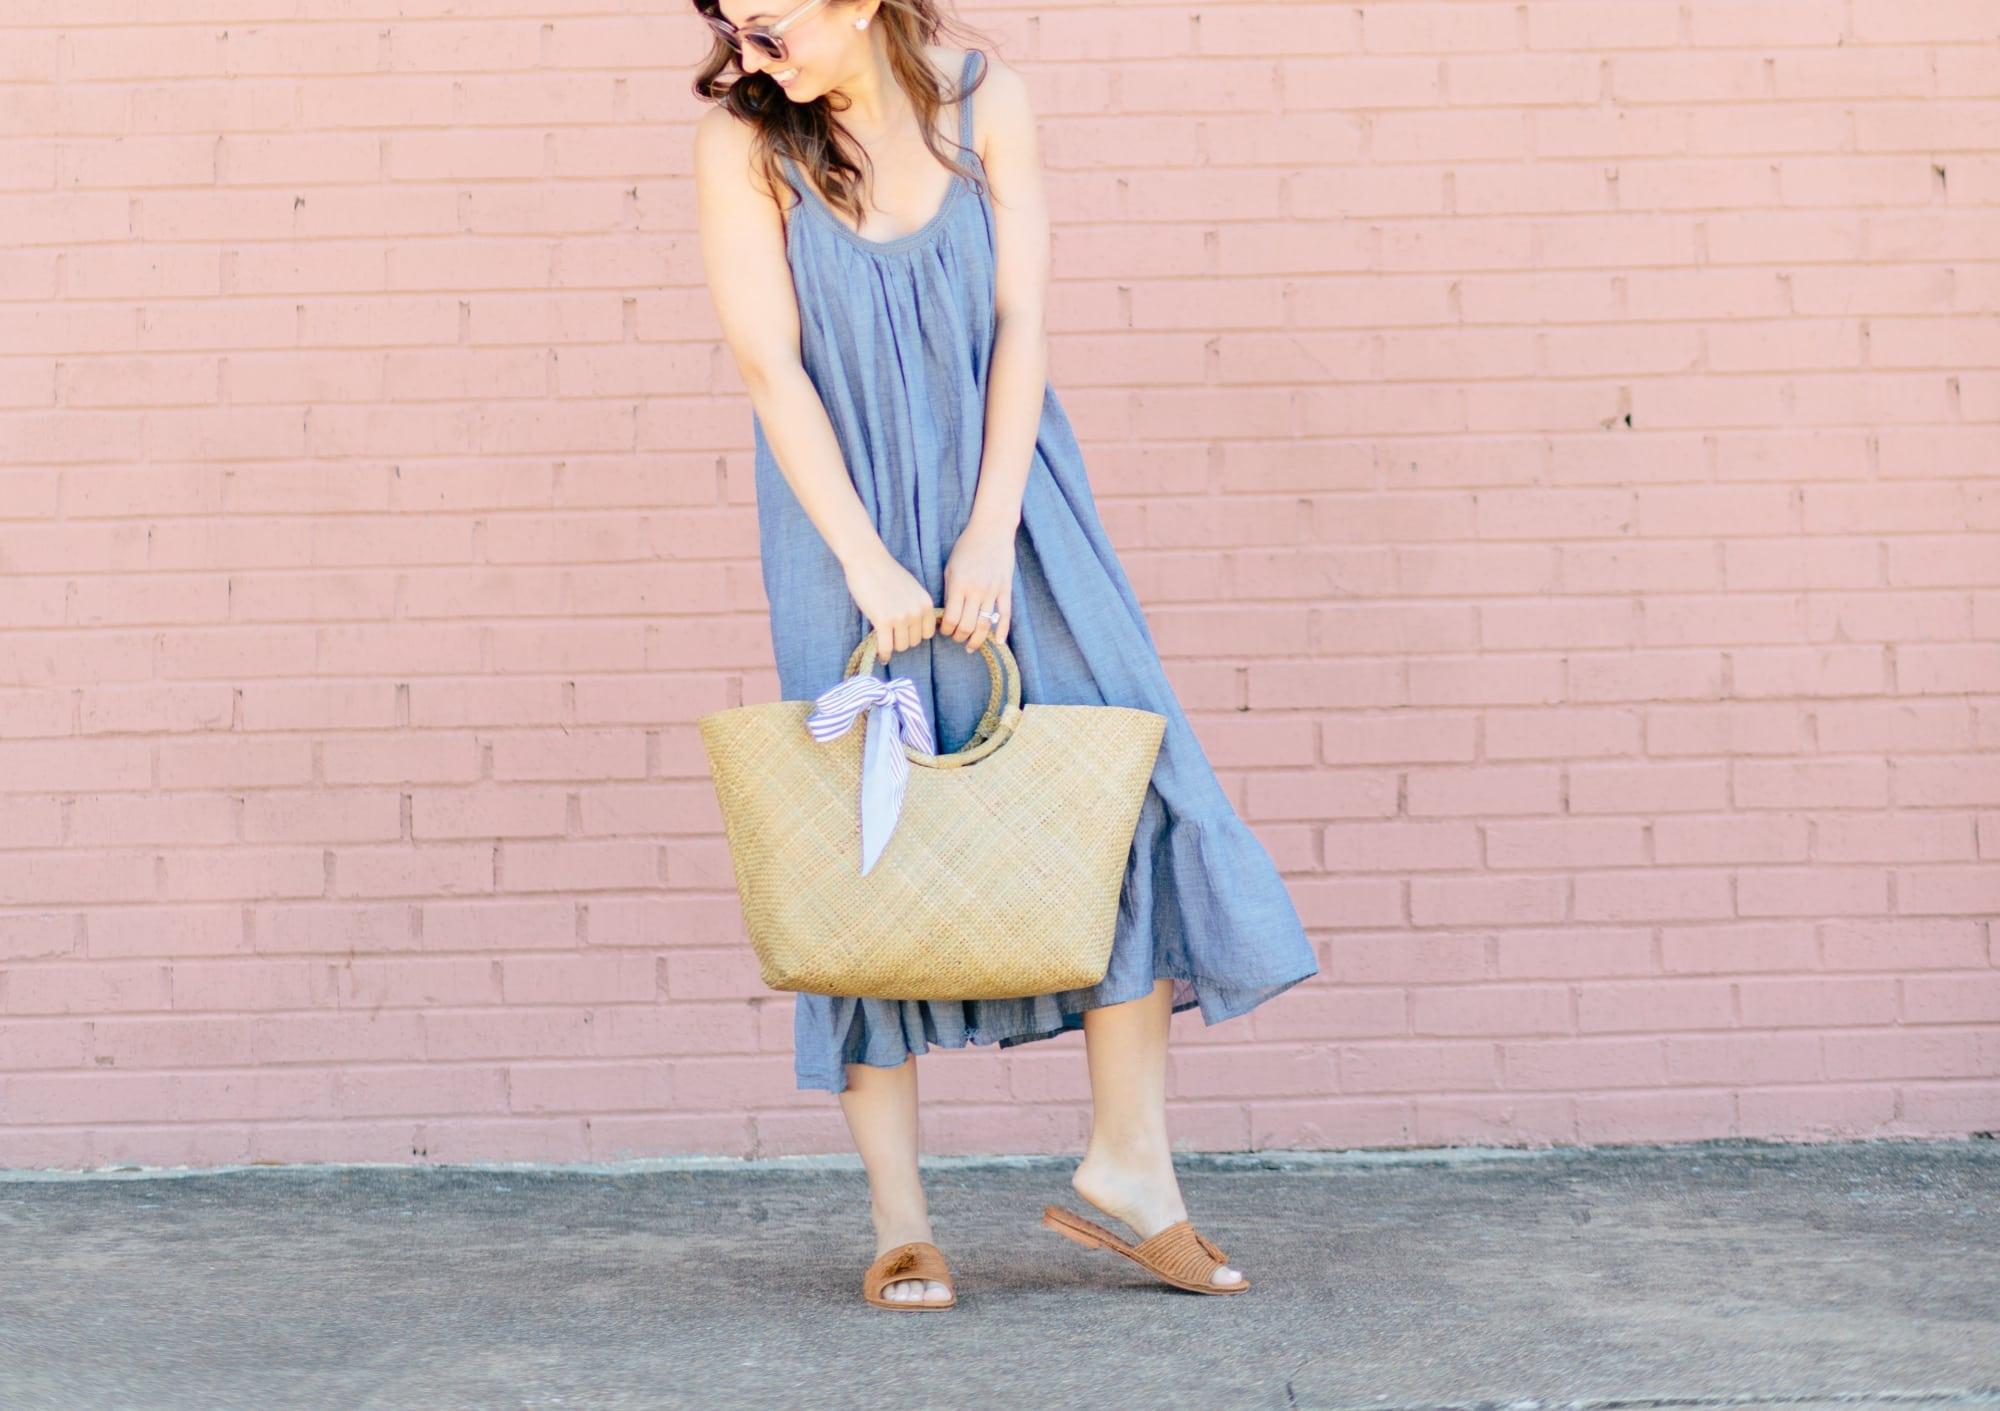 Market Tote Bag and Chambray Dress